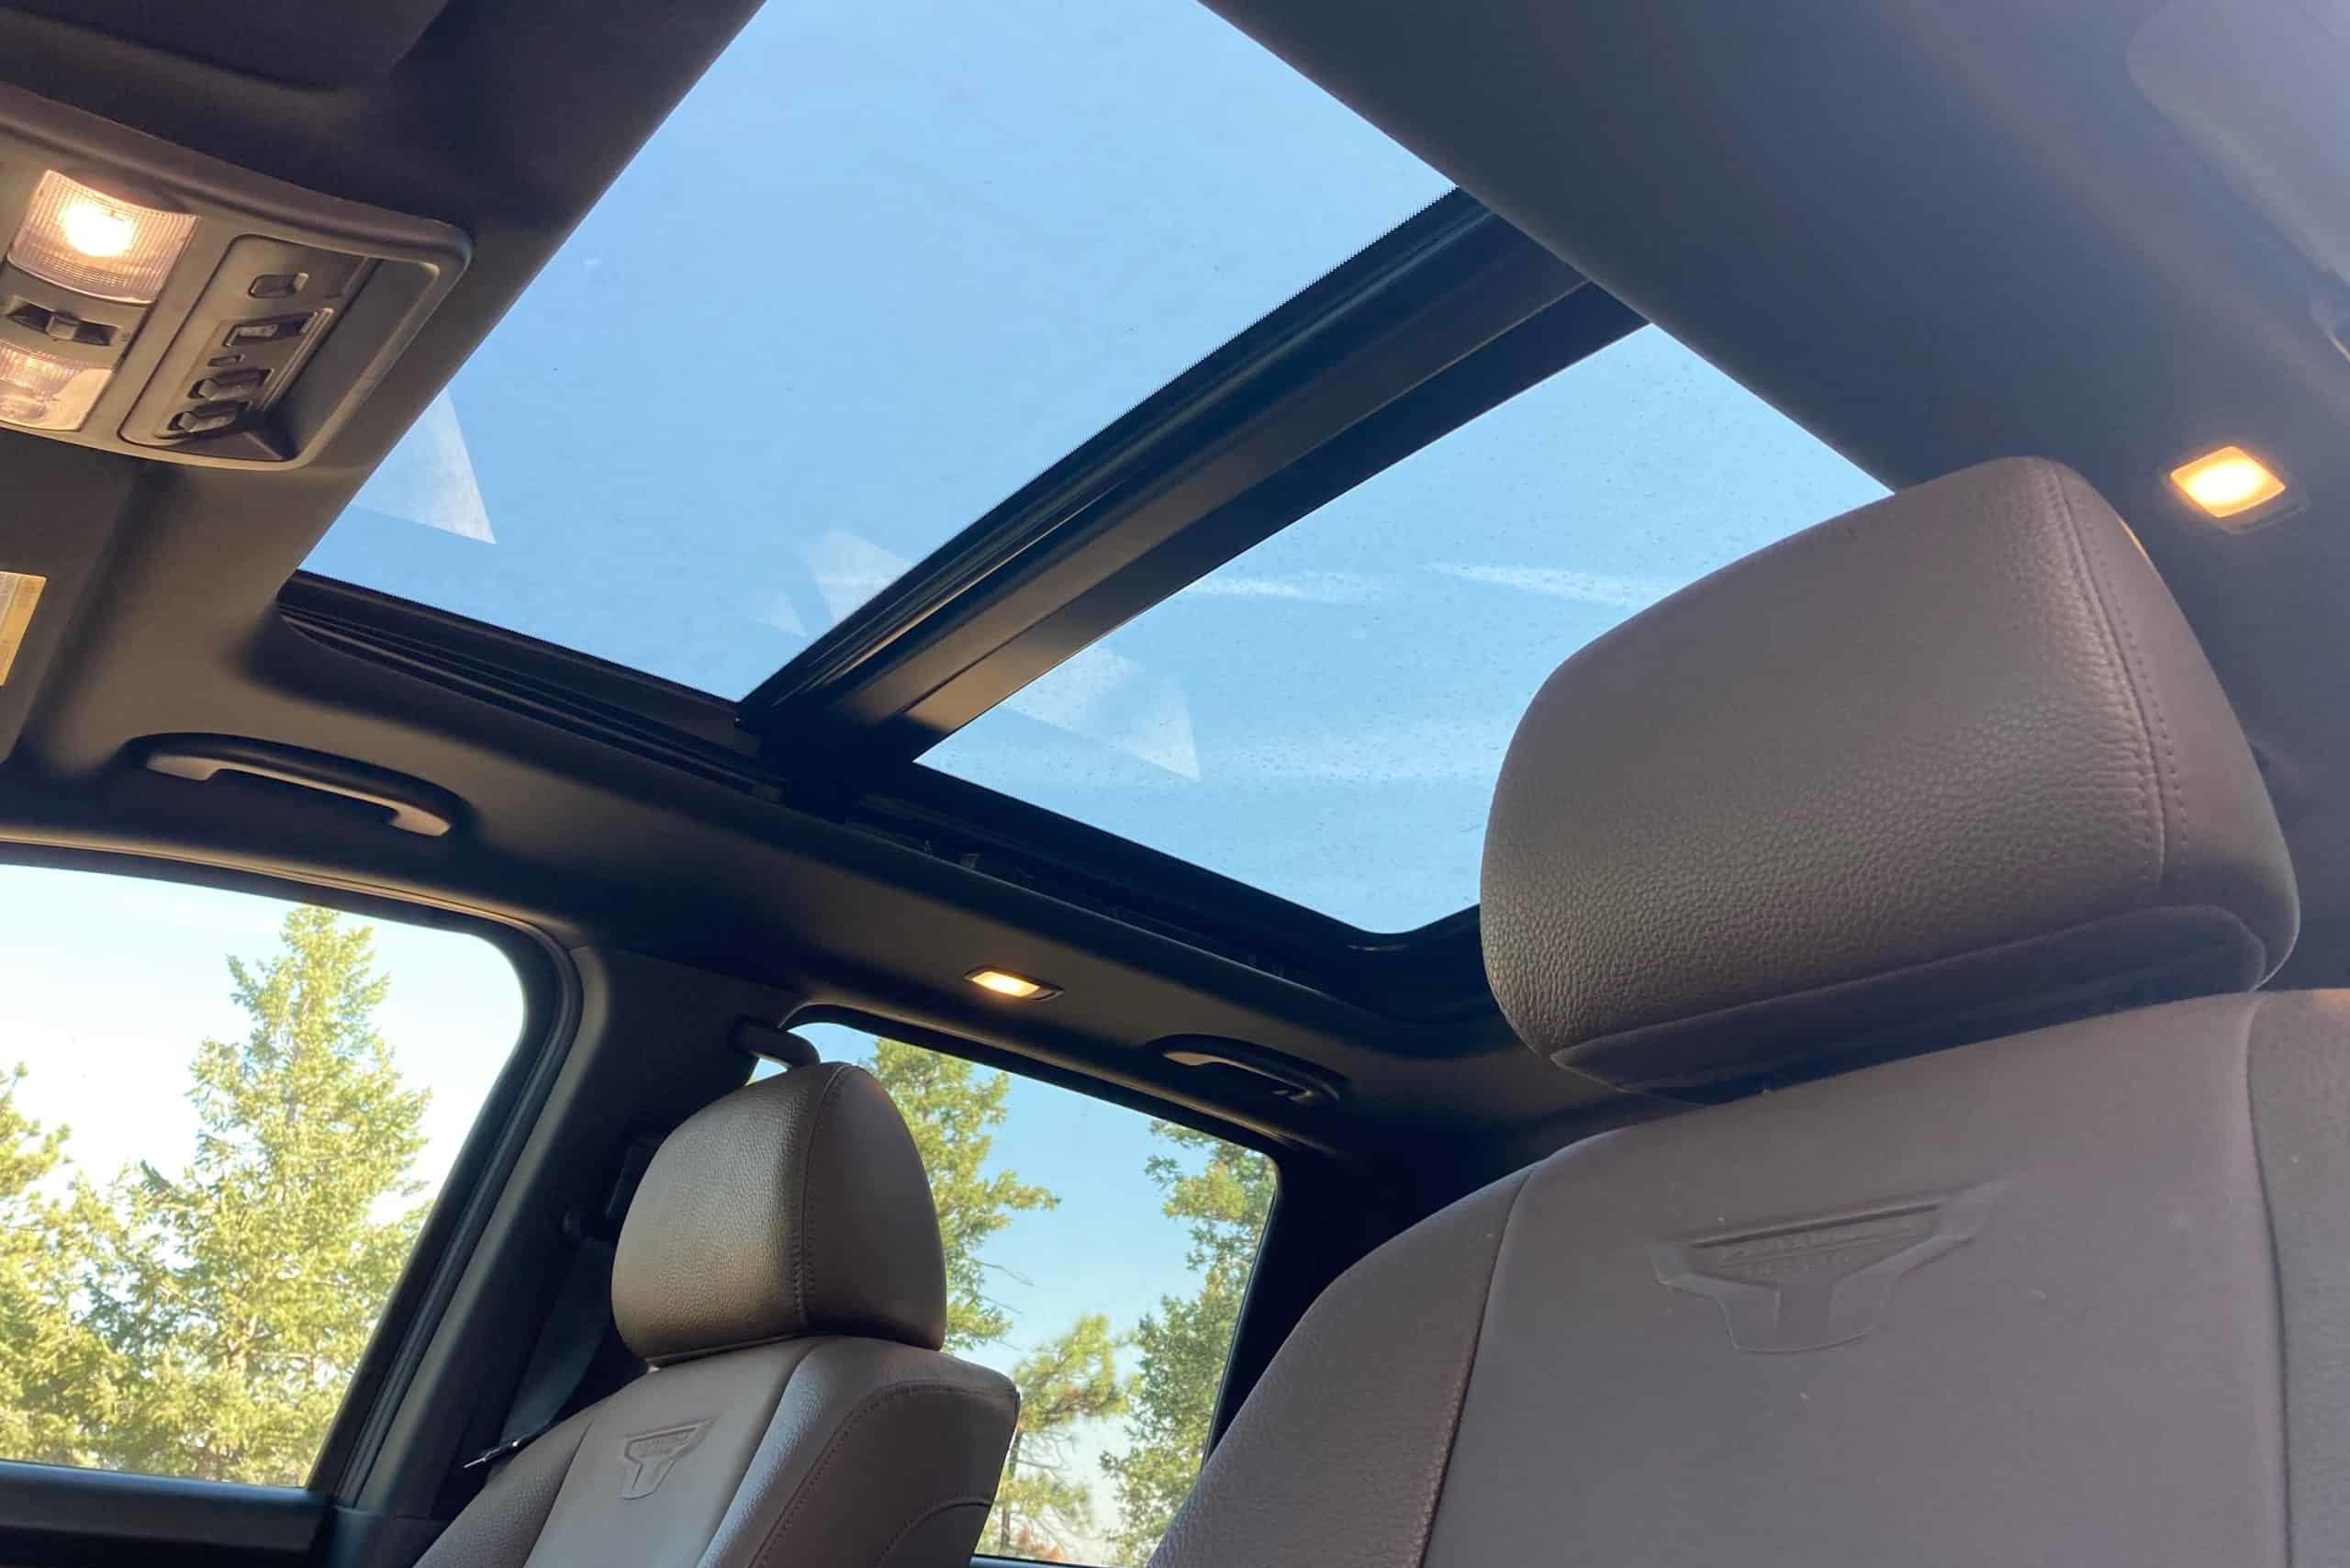 2020 Nissan Titan XD sunroof